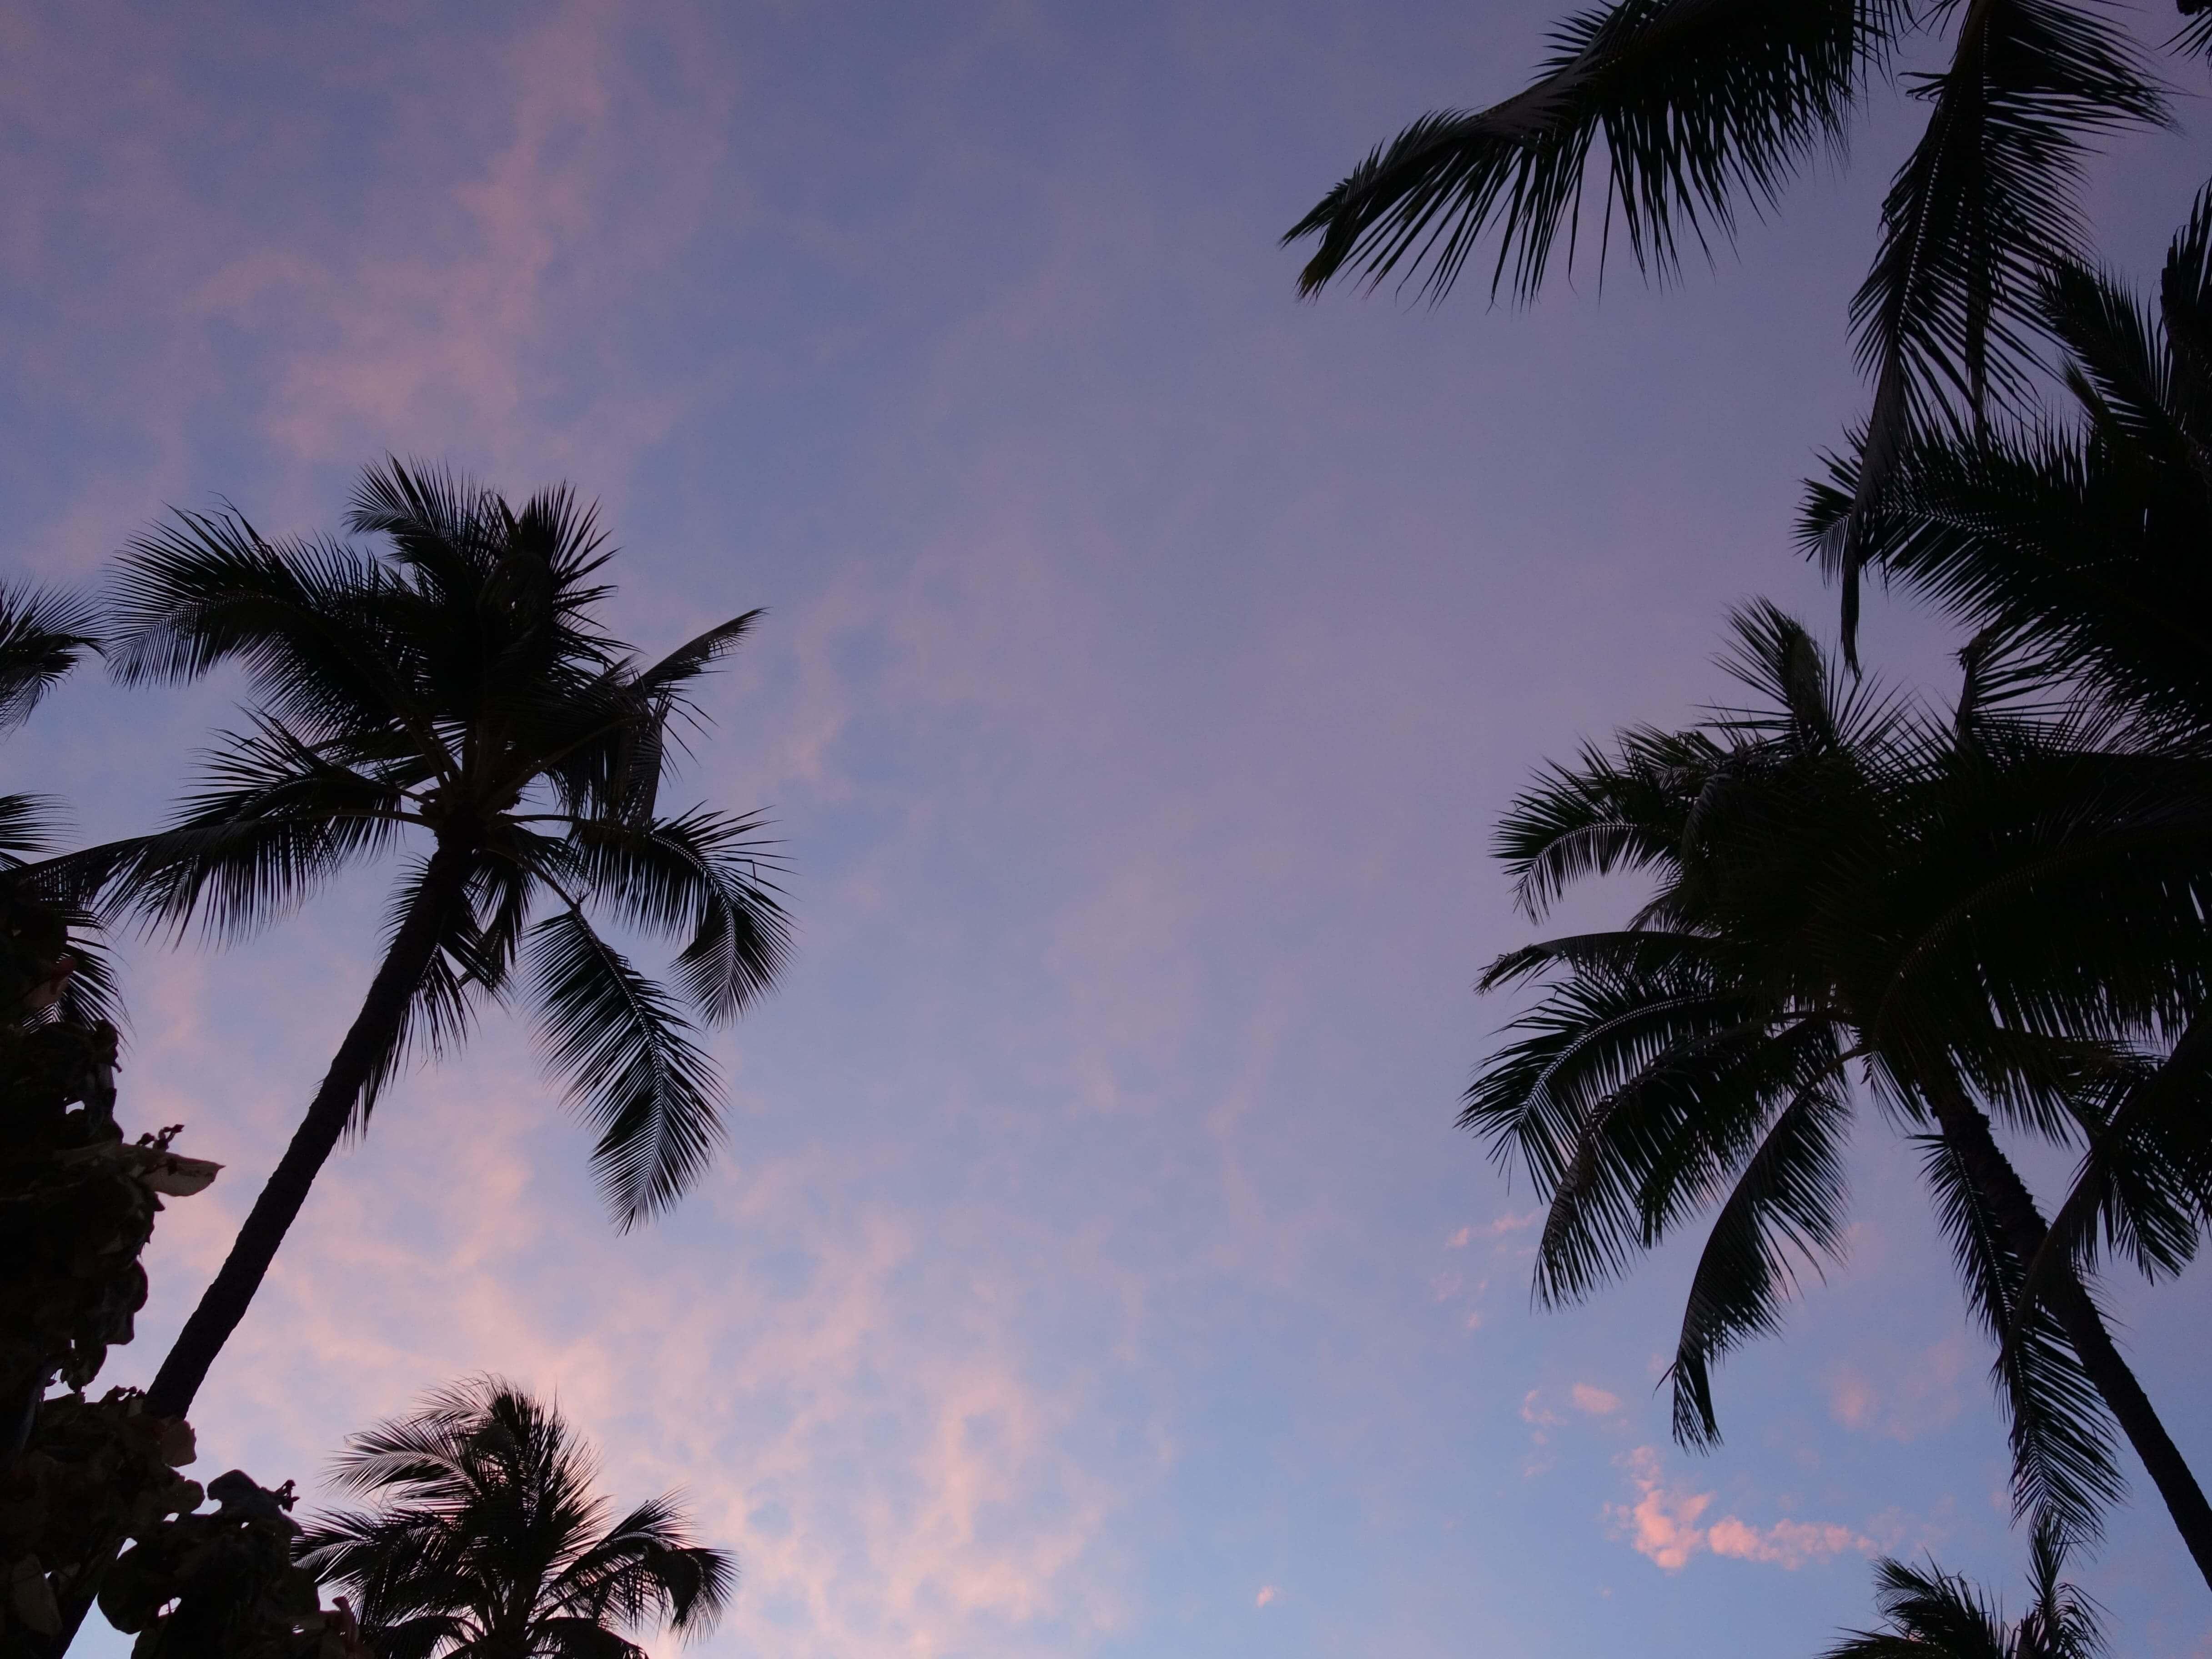 ハワイの夕焼け空